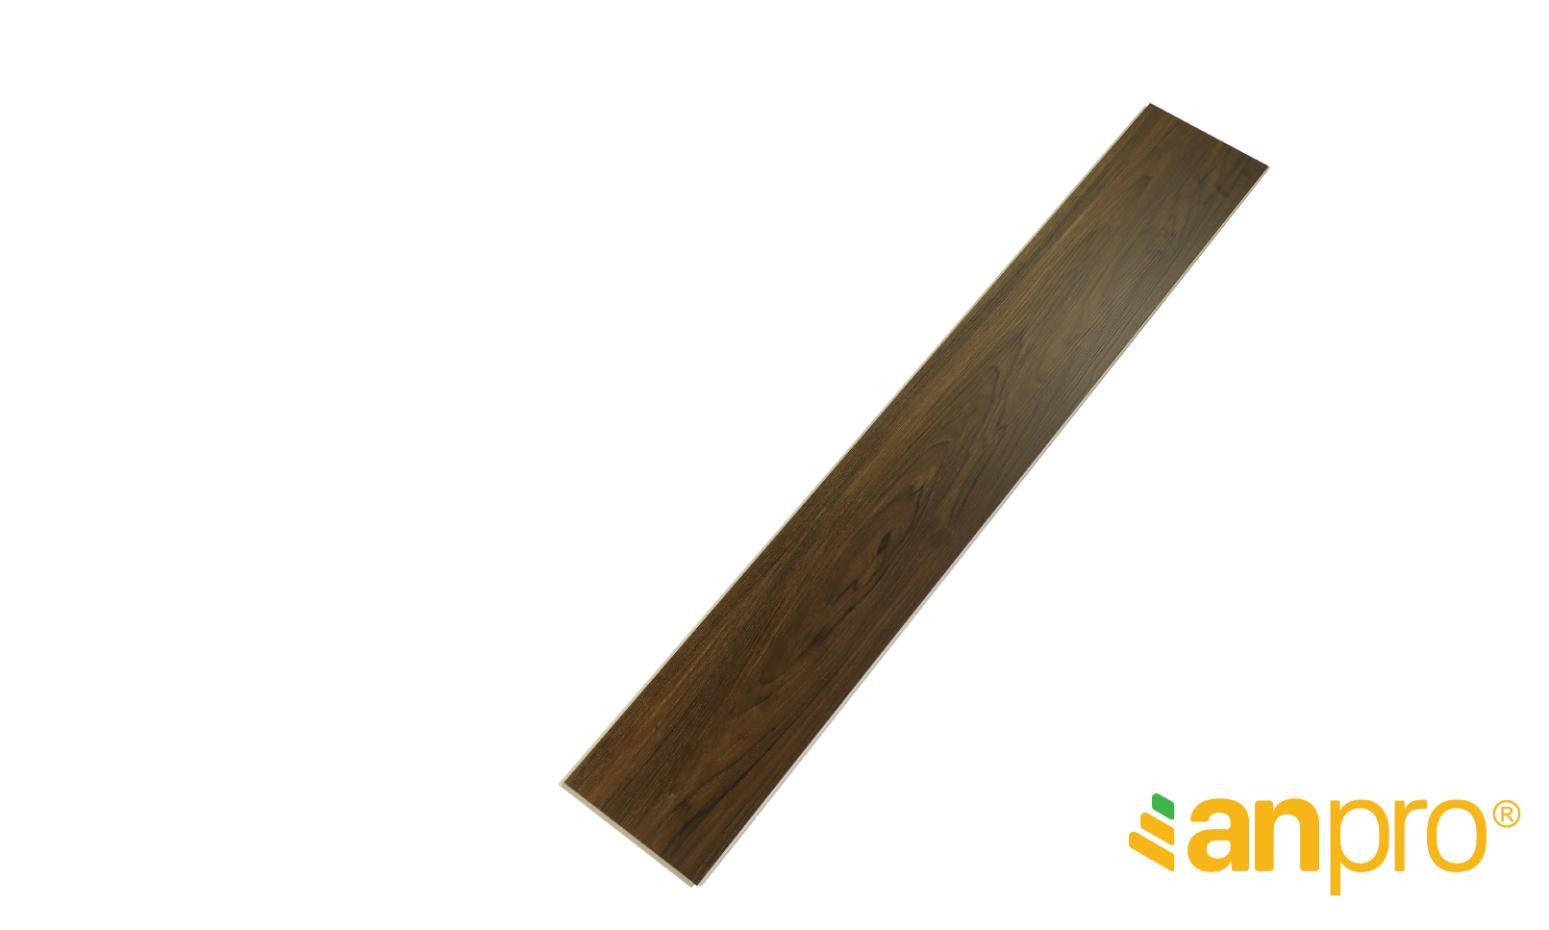 SA17 1 01 - Sàn AnPro vân gỗ SA17